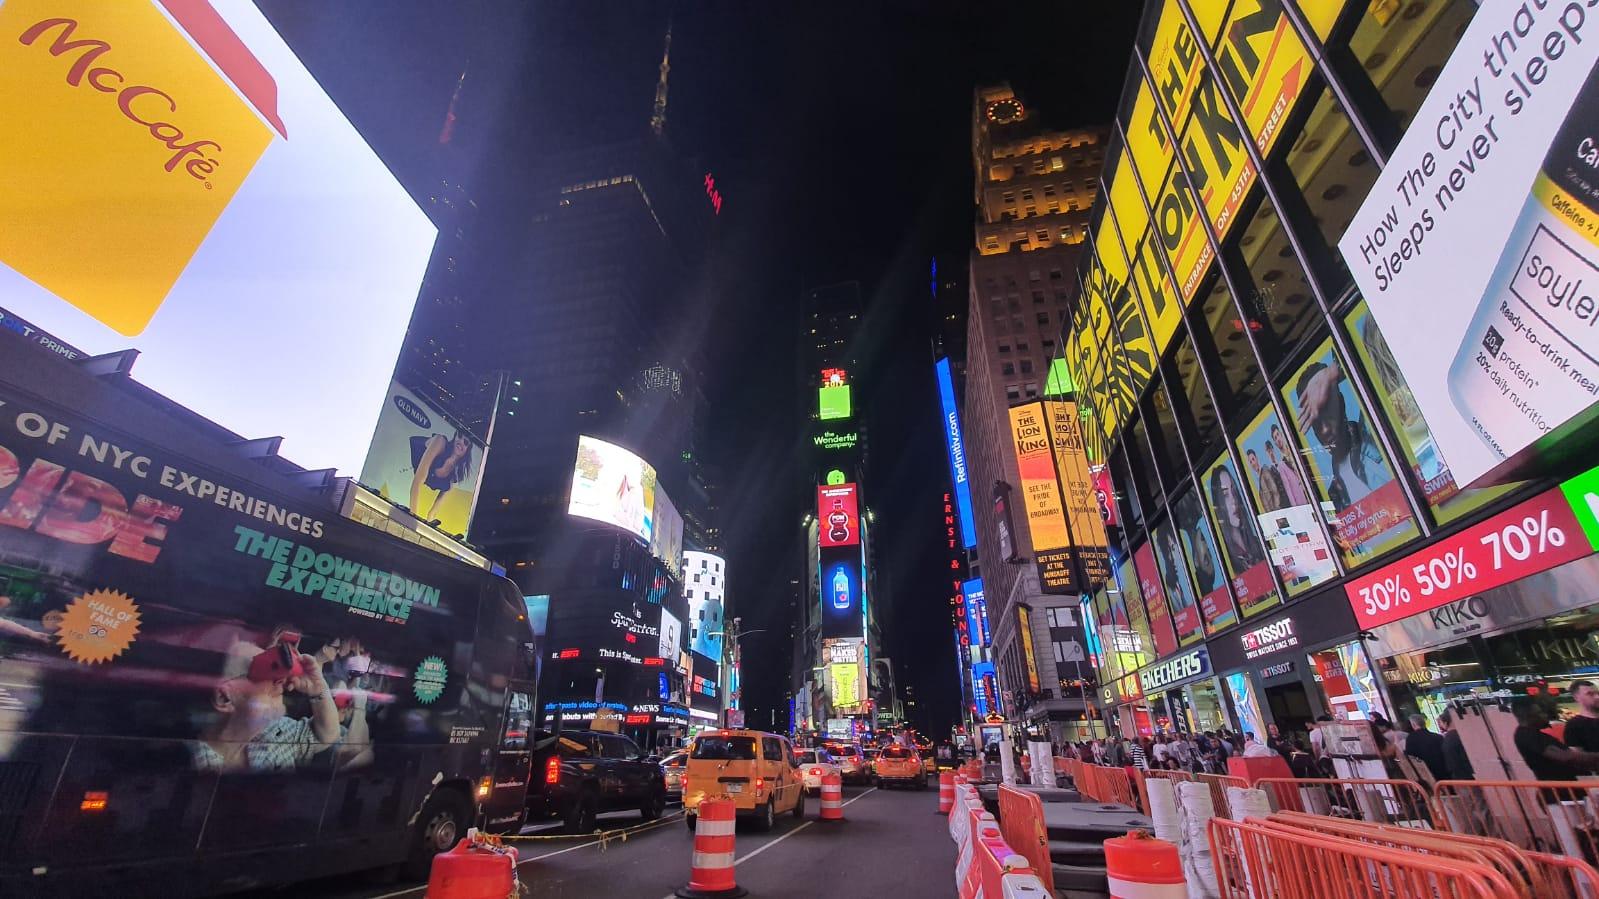 الصورة: هذه هي الطريقة التي تلتقط بها سامسونج الجديدة الصور Galaxy Note10 +! + الصور الليلية والفيديو 26